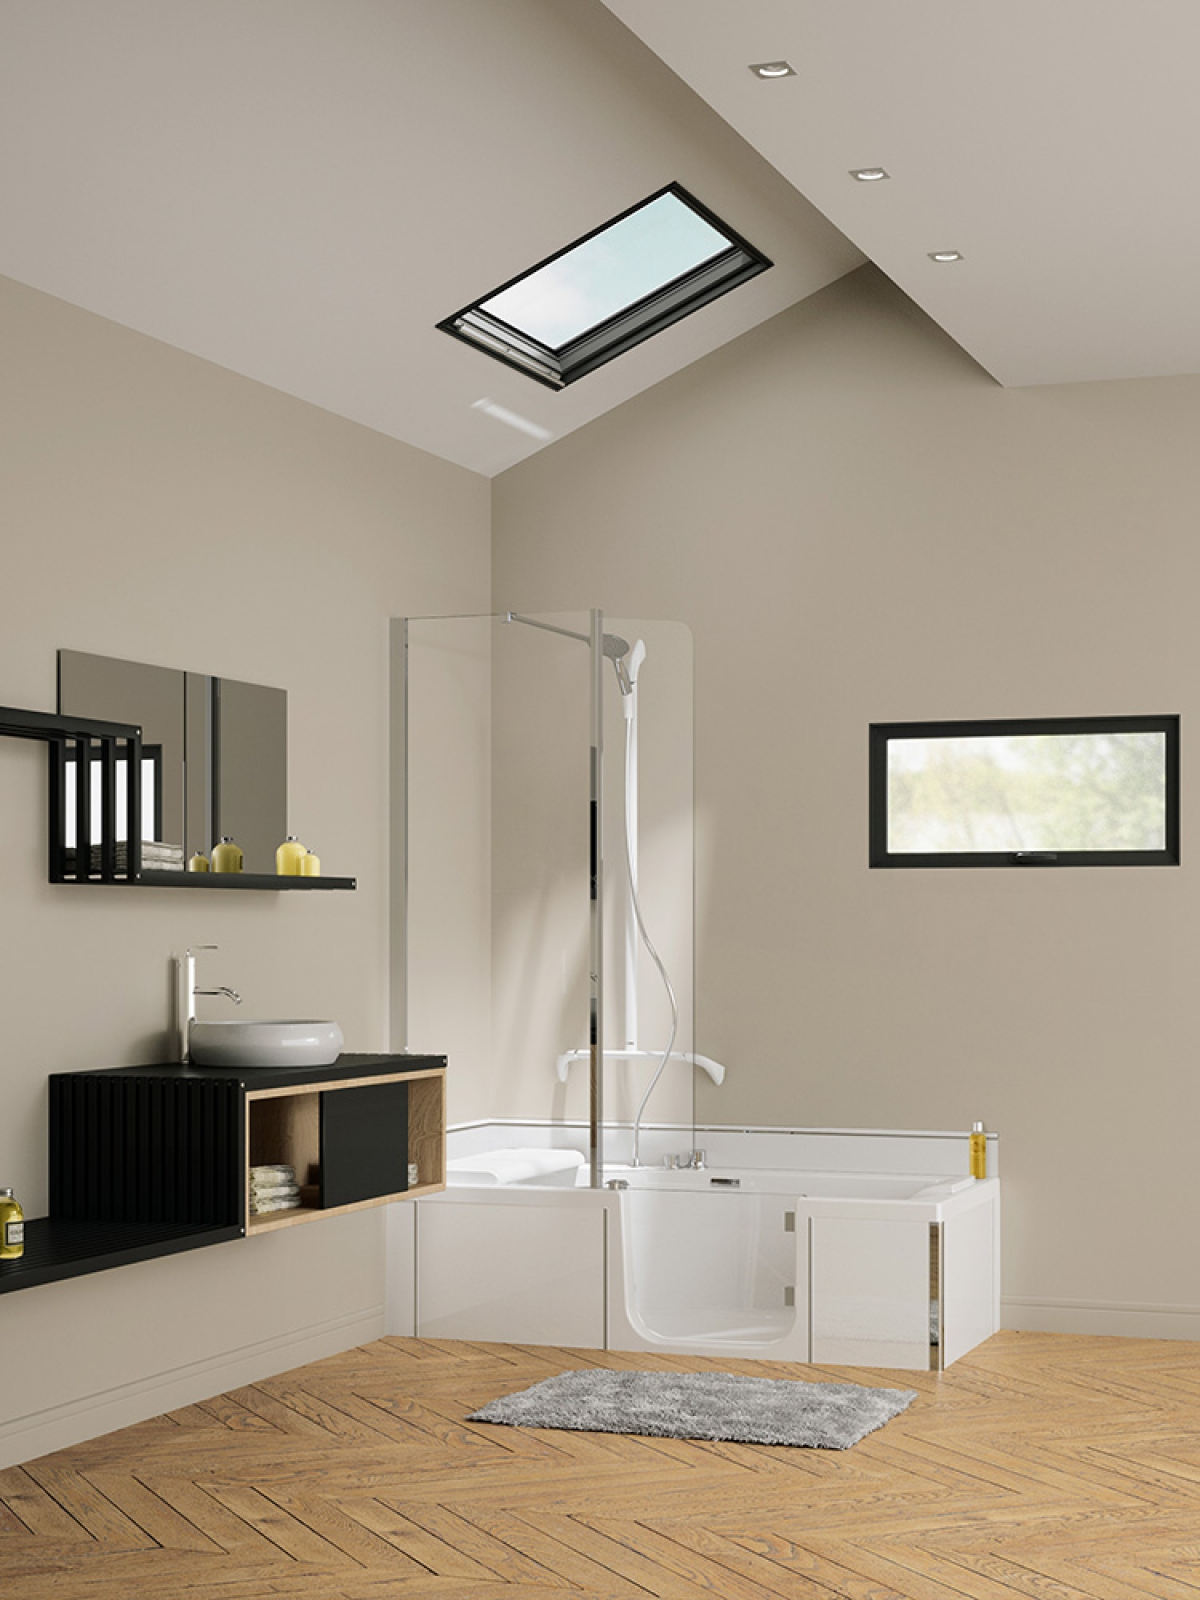 baignoire douche duo kinedo induscabel salle de bains chauffage et cuisine. Black Bedroom Furniture Sets. Home Design Ideas